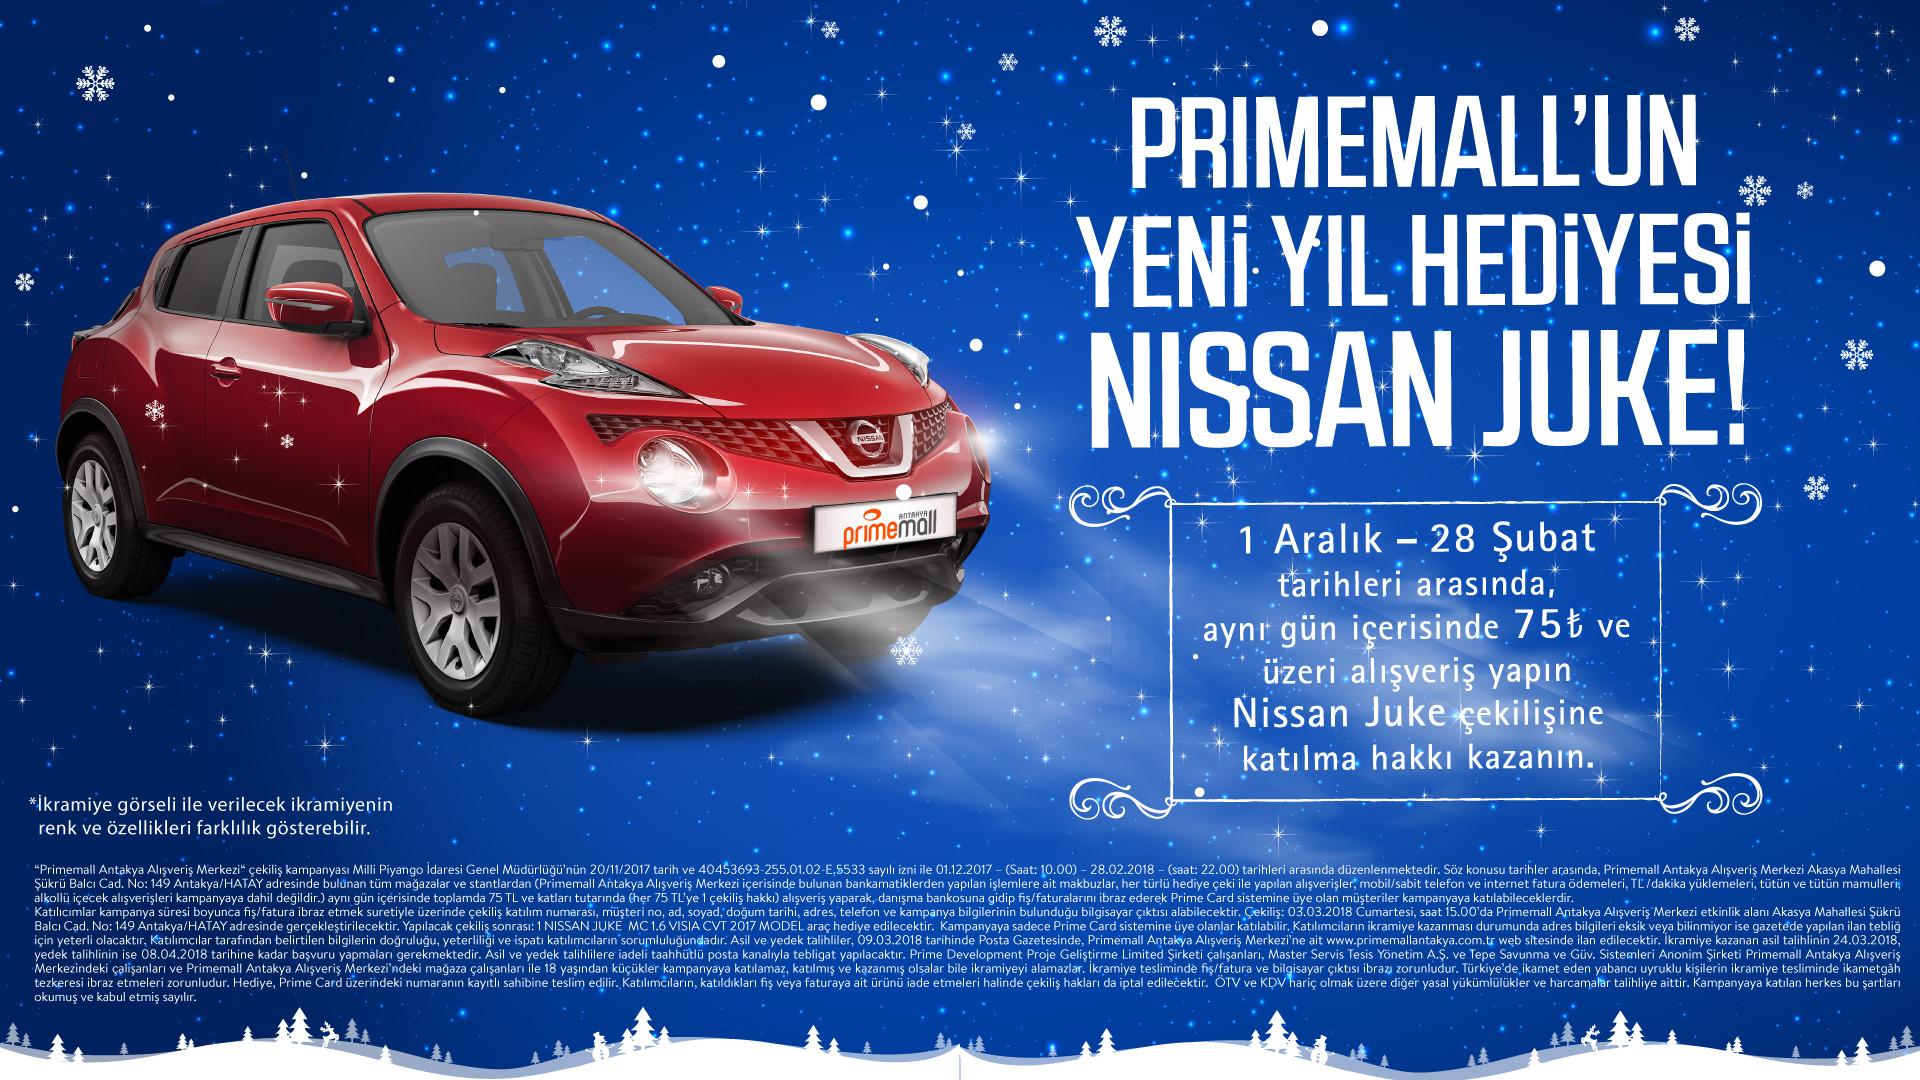 Primemall'un Yeni Yıl Hediyesi Nissan Juke!